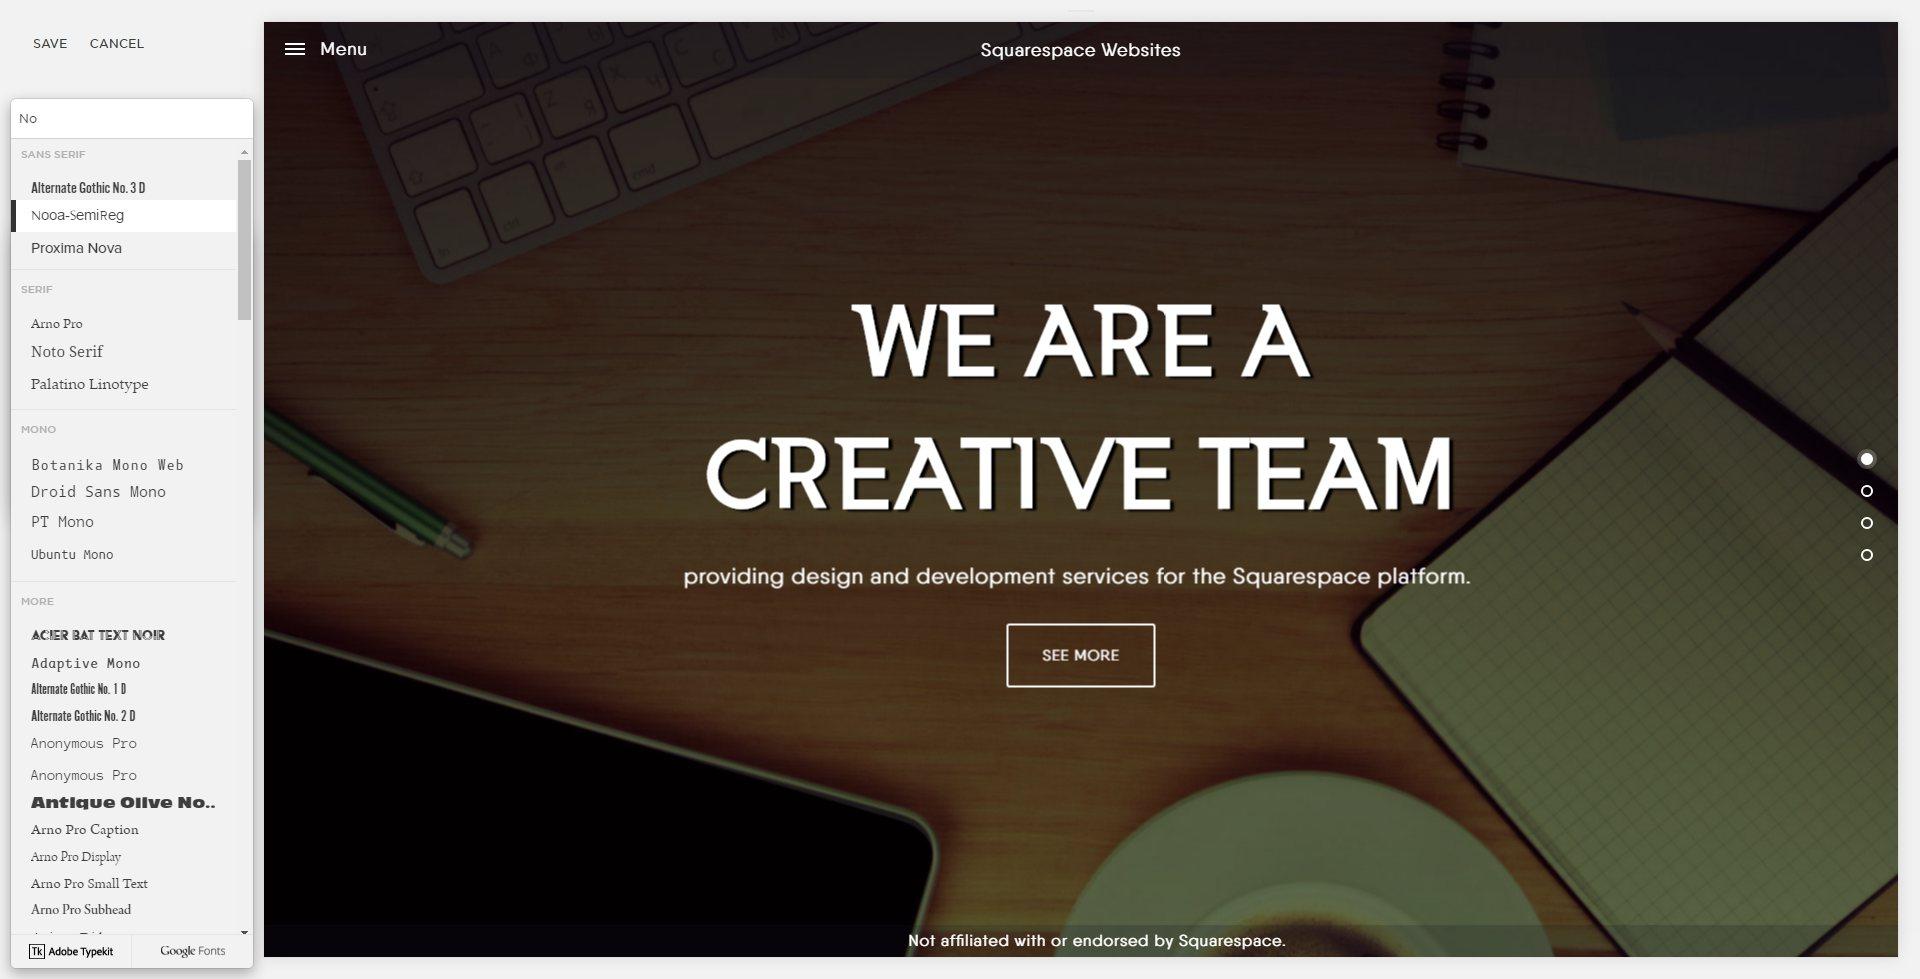 Adding custom fonts to Squarespace: Using custom font